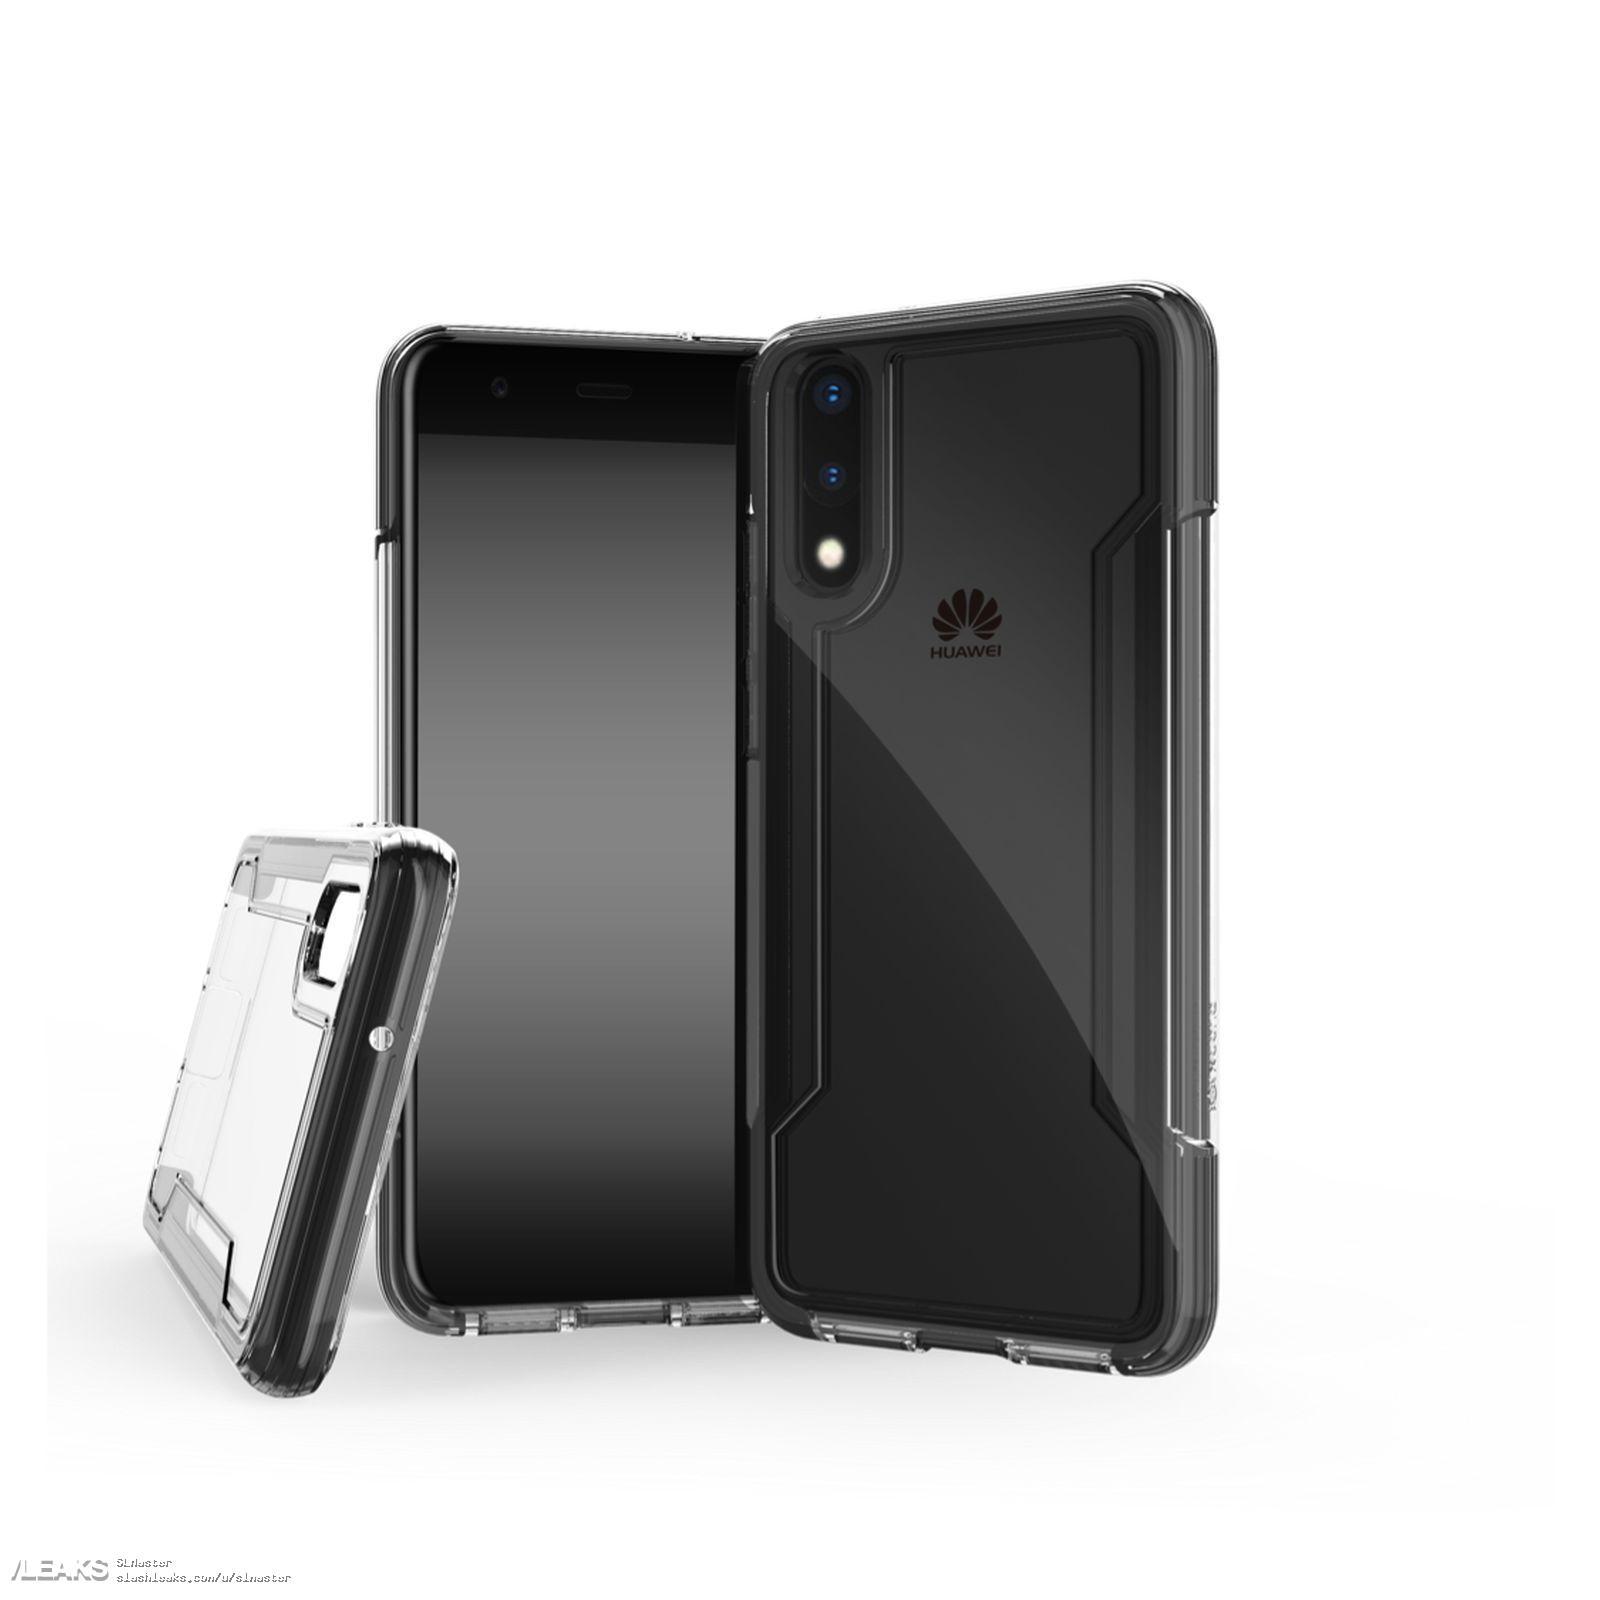 Huawei P20 Lite : quelques informations confirmées par son passage à la FCC